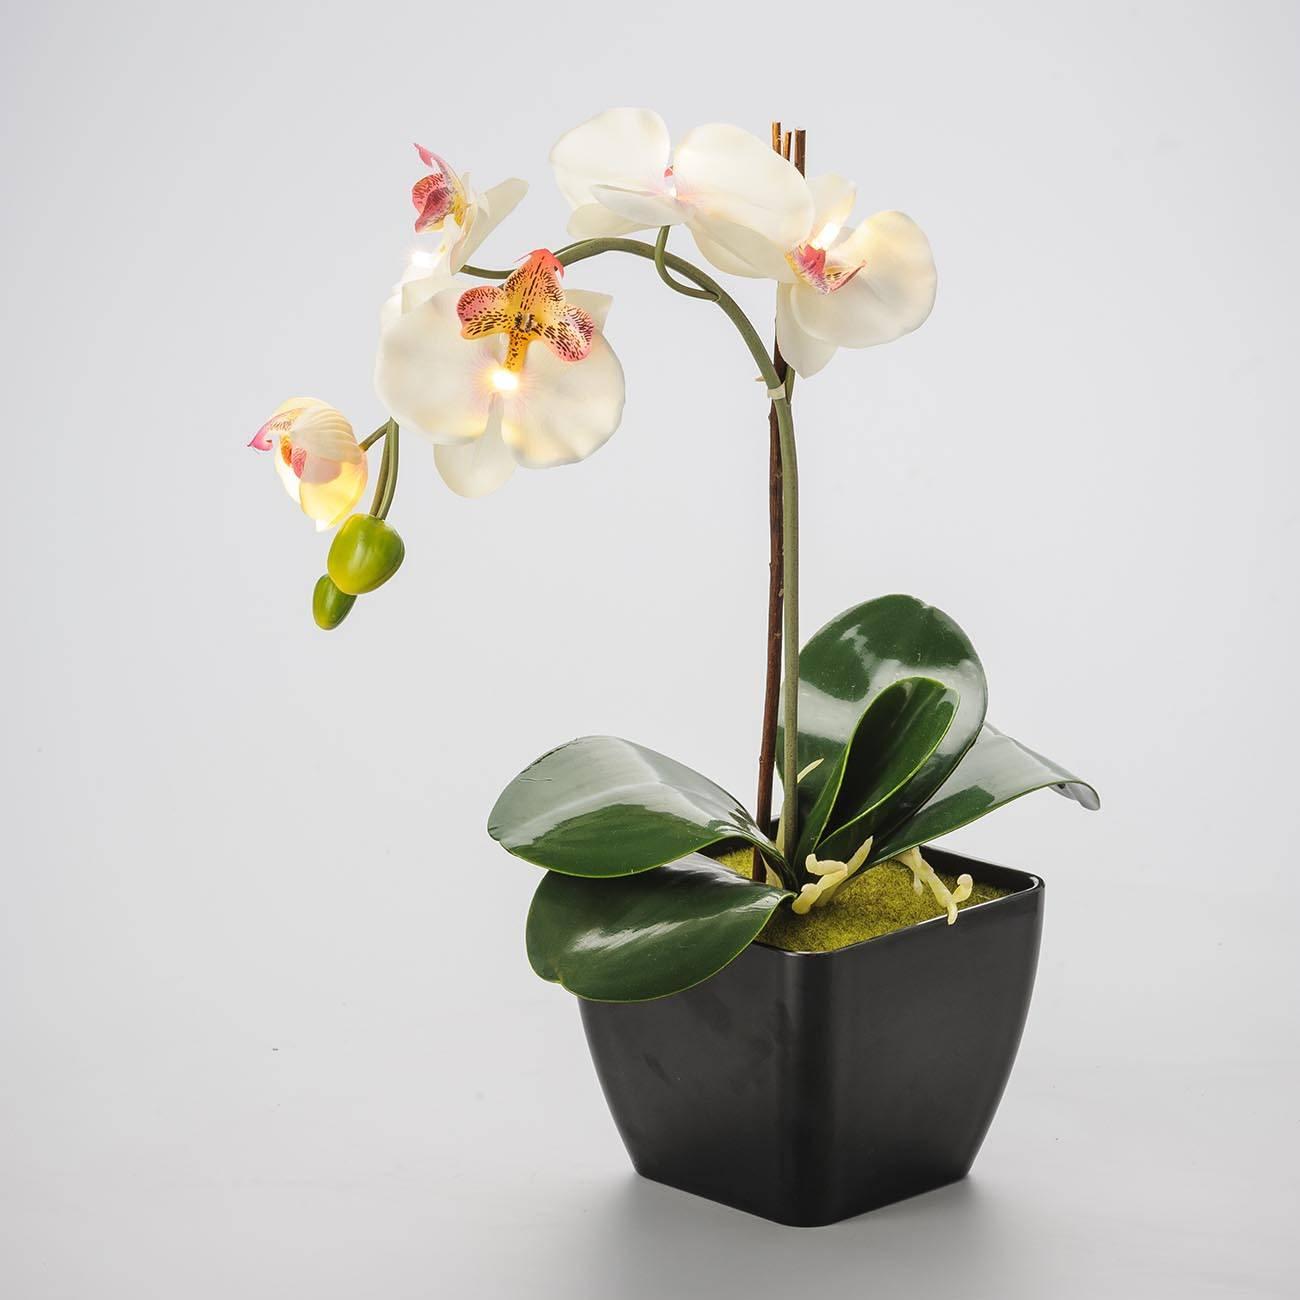 Cachepô Tradicional Preto - com Orquídeas Brancas e Luz - Prestige - 44x29 cm